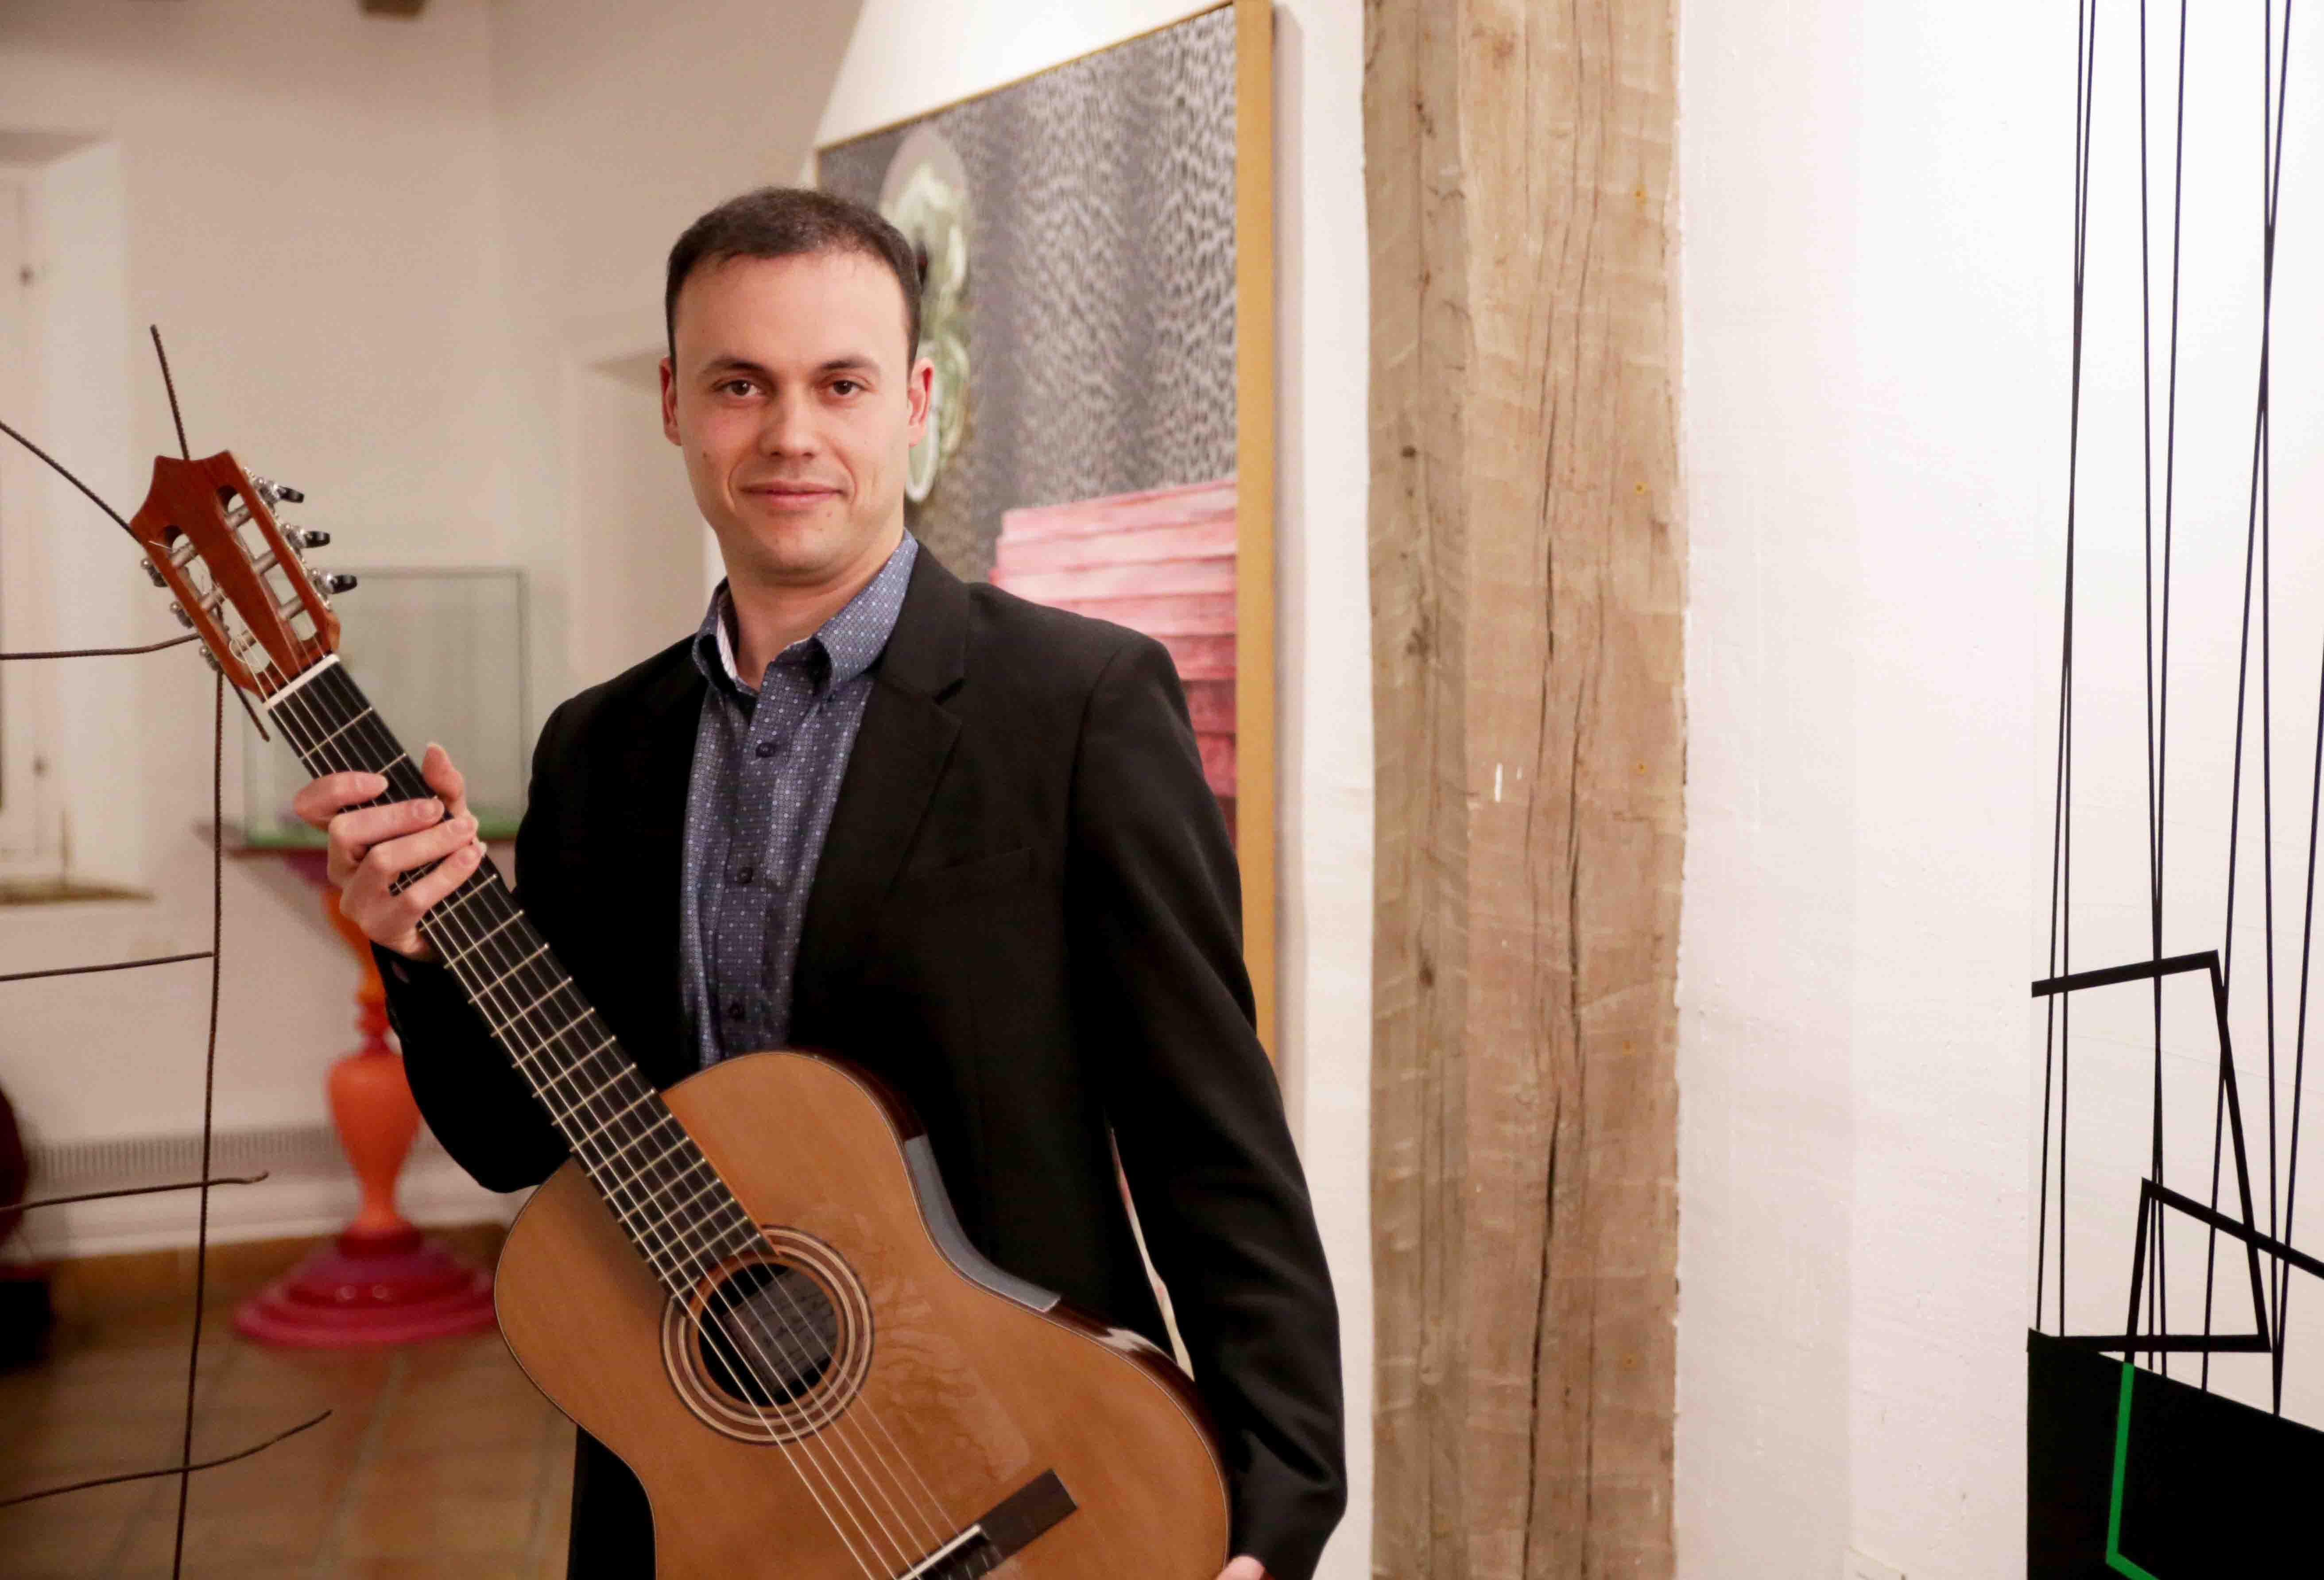 Jonathan Esteve Aranda, primer premio del V Concurso Internacional de Guitarra Clásica Ángel G. Piñero, actuará en El Puerto de Santa María el cinco de diciembre